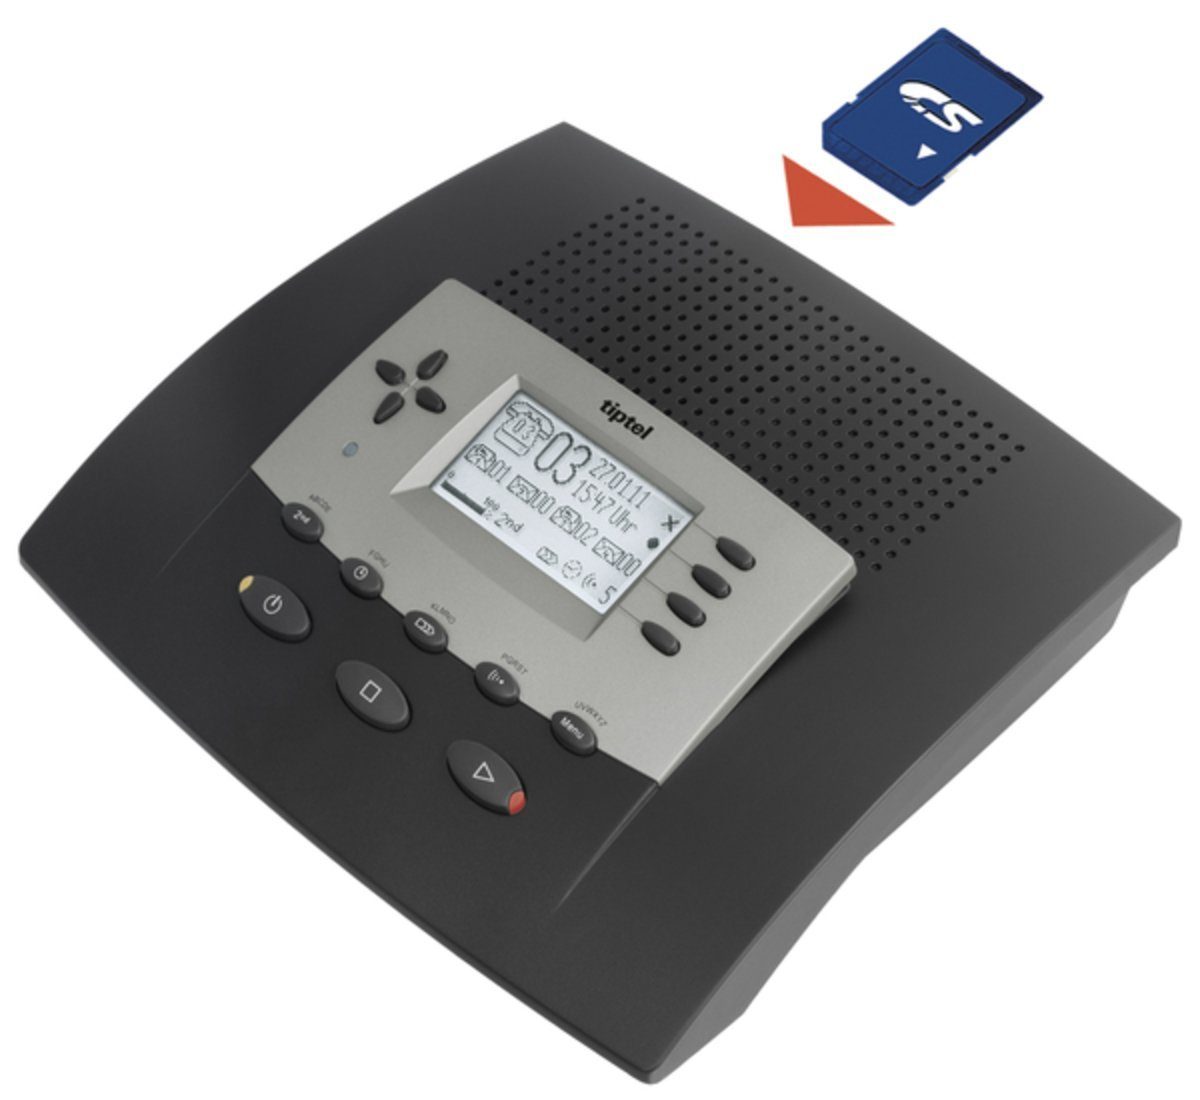 Tiptel Anrufbeantworter »Anrufbeantworter 540 SD«